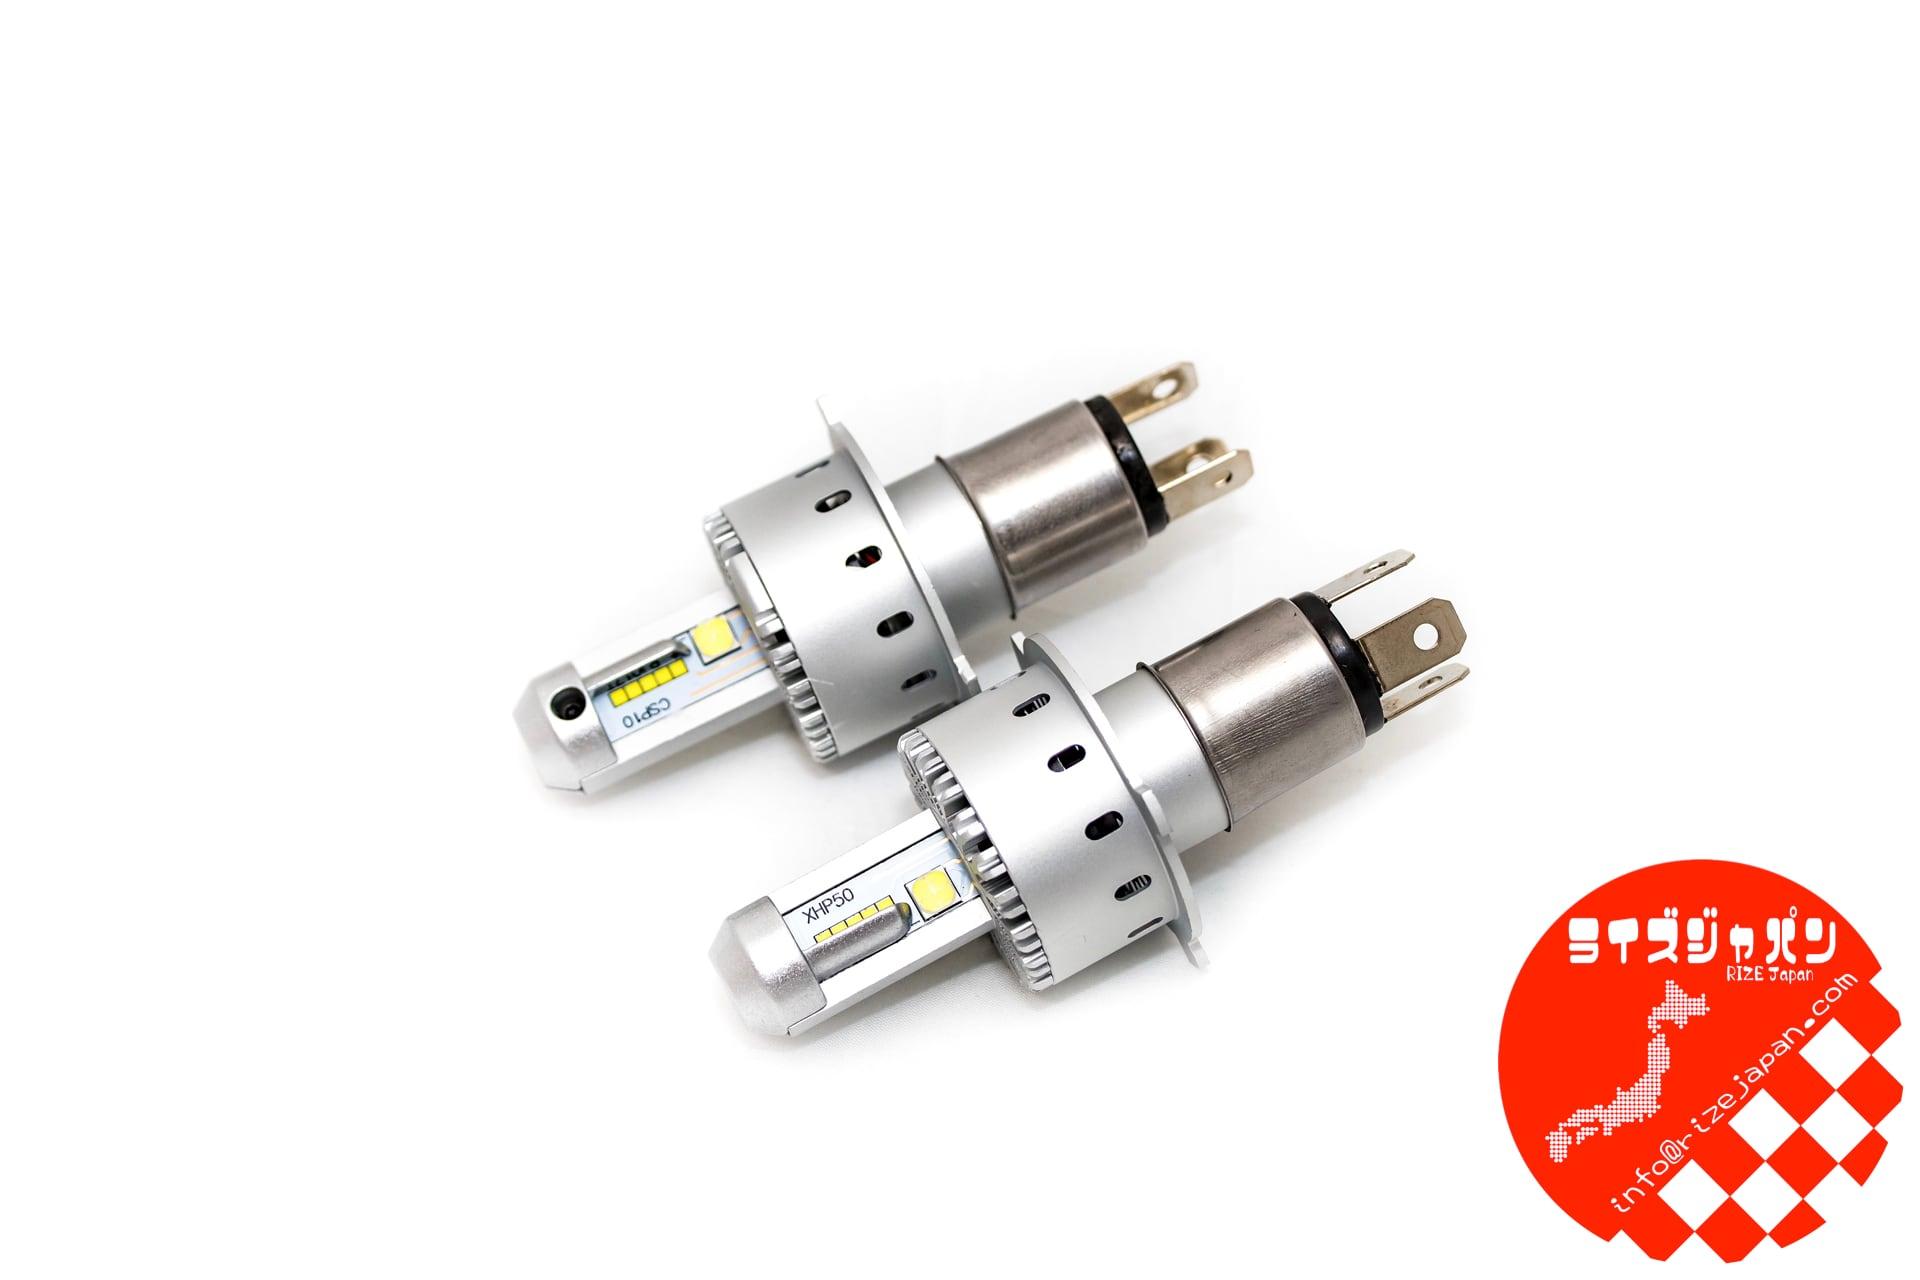 G1 H4 Hi/Loバルブ LEDキット H4 Hi/Lo bulb LED Kit